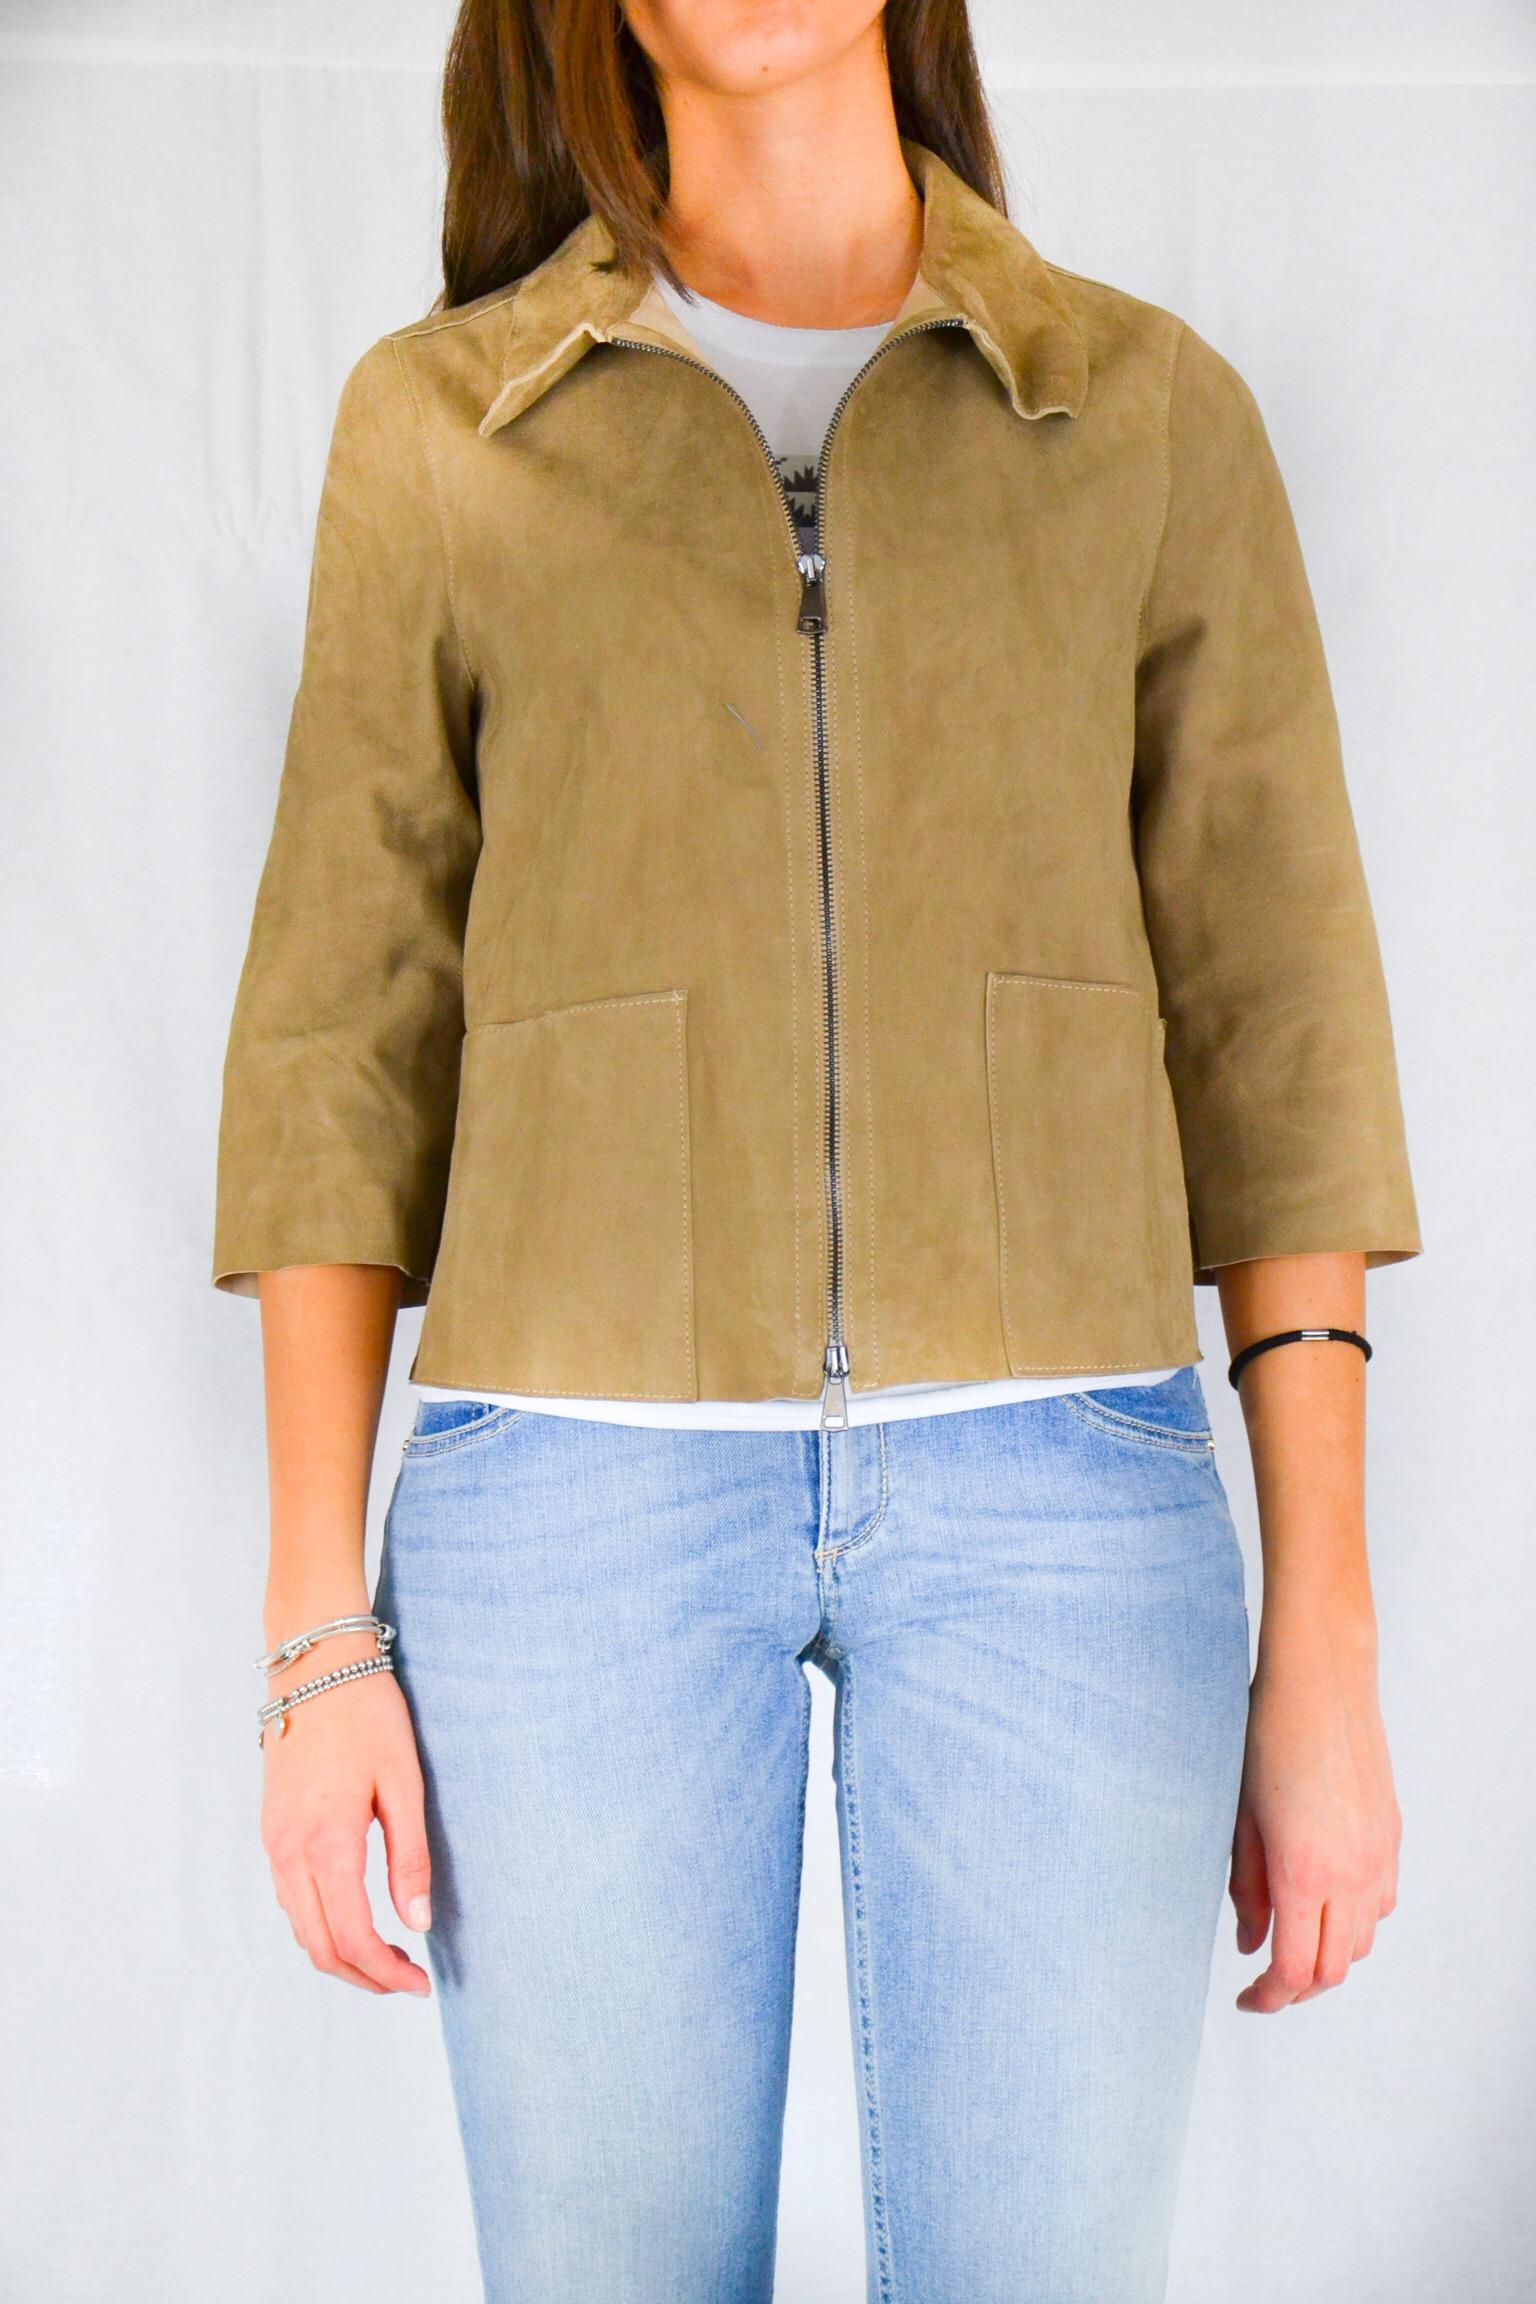 new style 6a5a6 bca31 GIACCA RENNA BEIGE Vintage De Luxe - Sabi Abbigliamento